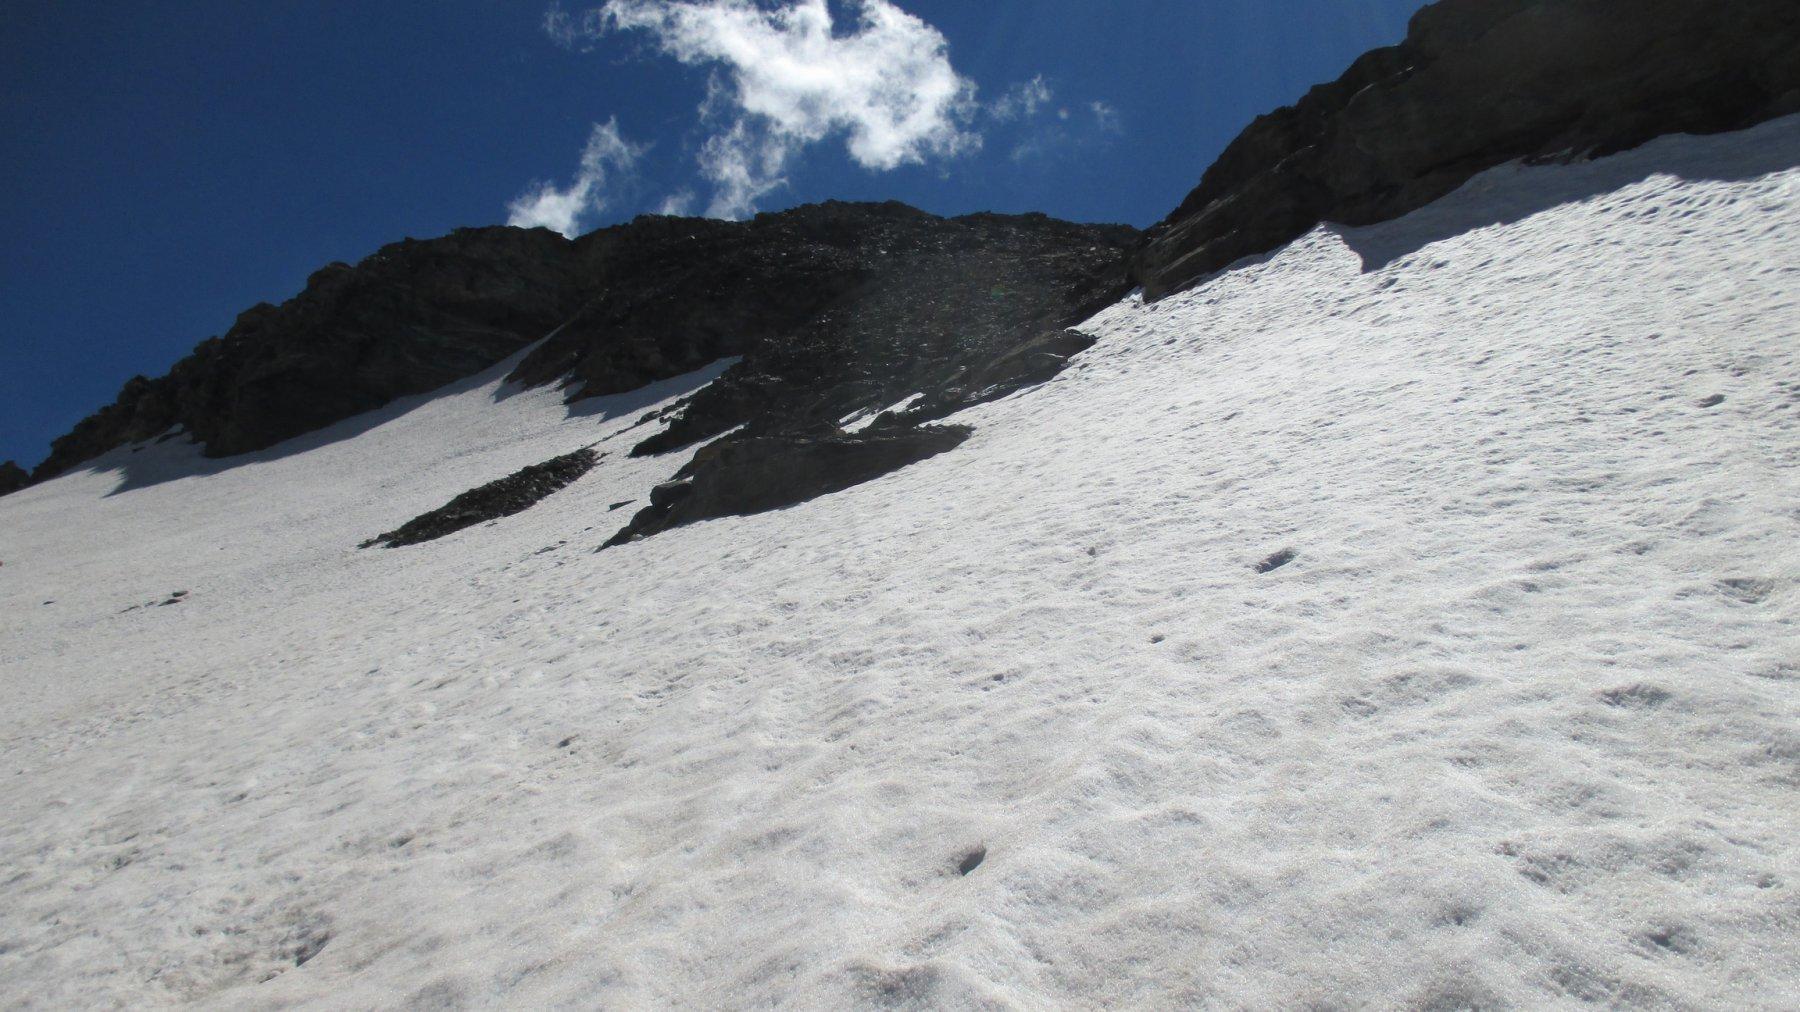 L'attacco del sentiero dopo il ghiacciaio